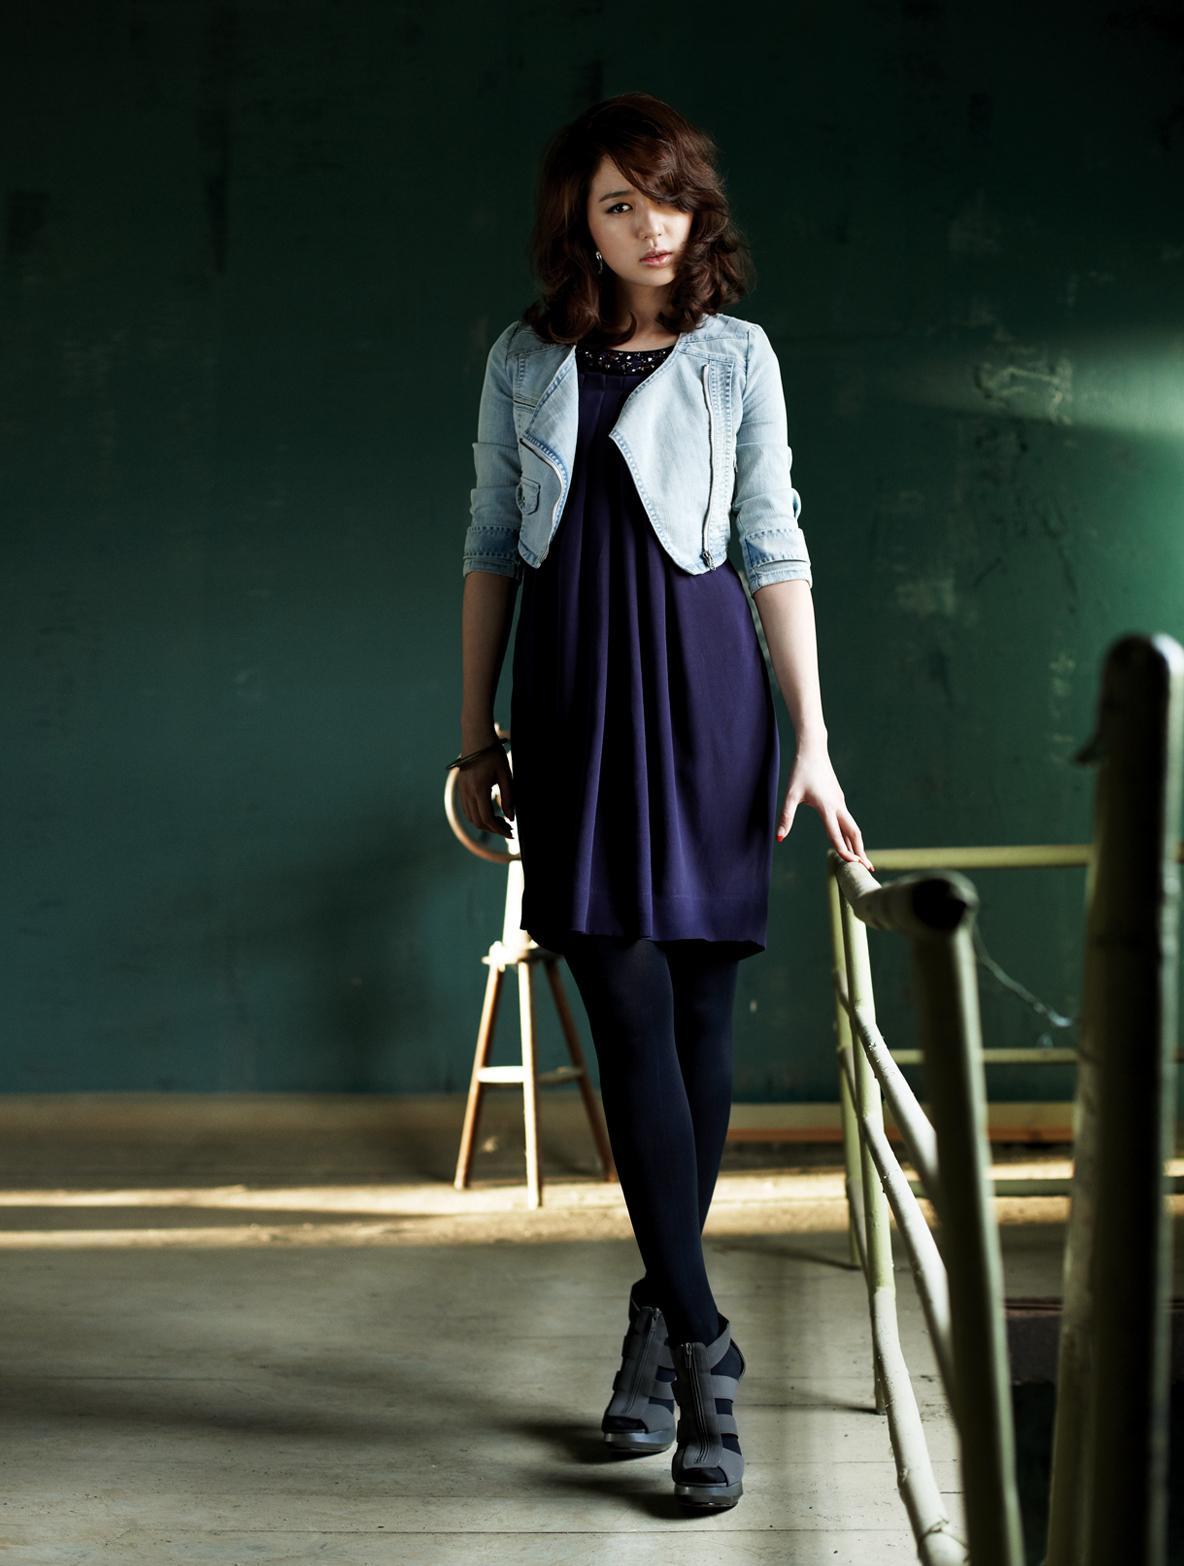 Yoon Eun Hye Joinus Fashion Dara 2ne1 Photo 32340187 Fanpop